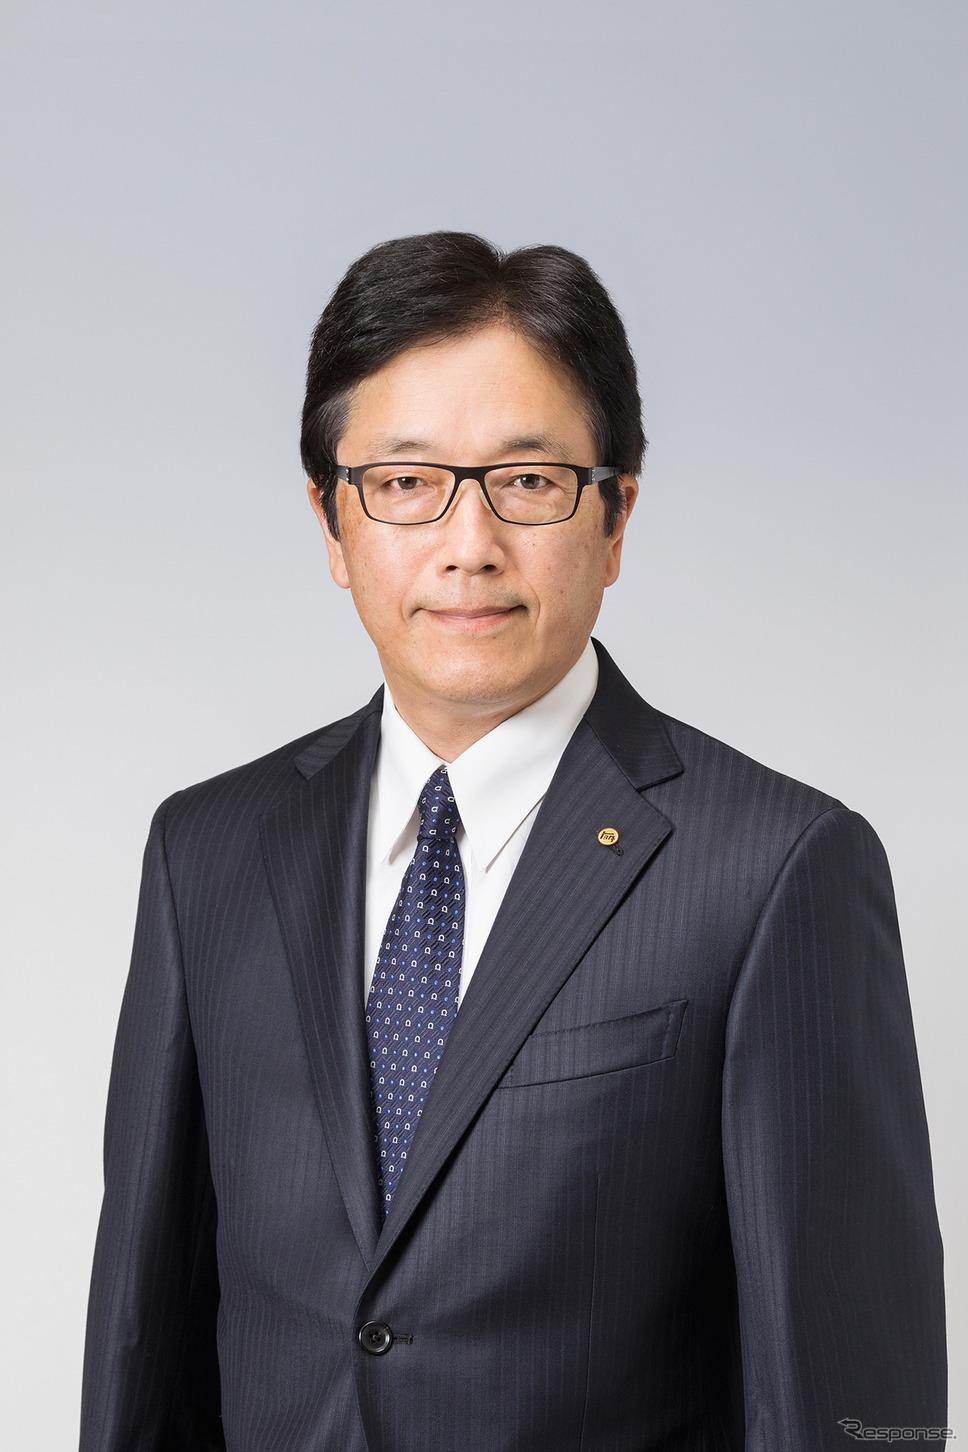 トヨタ 岡田政道執行役員《写真提供 トヨタ自動車》